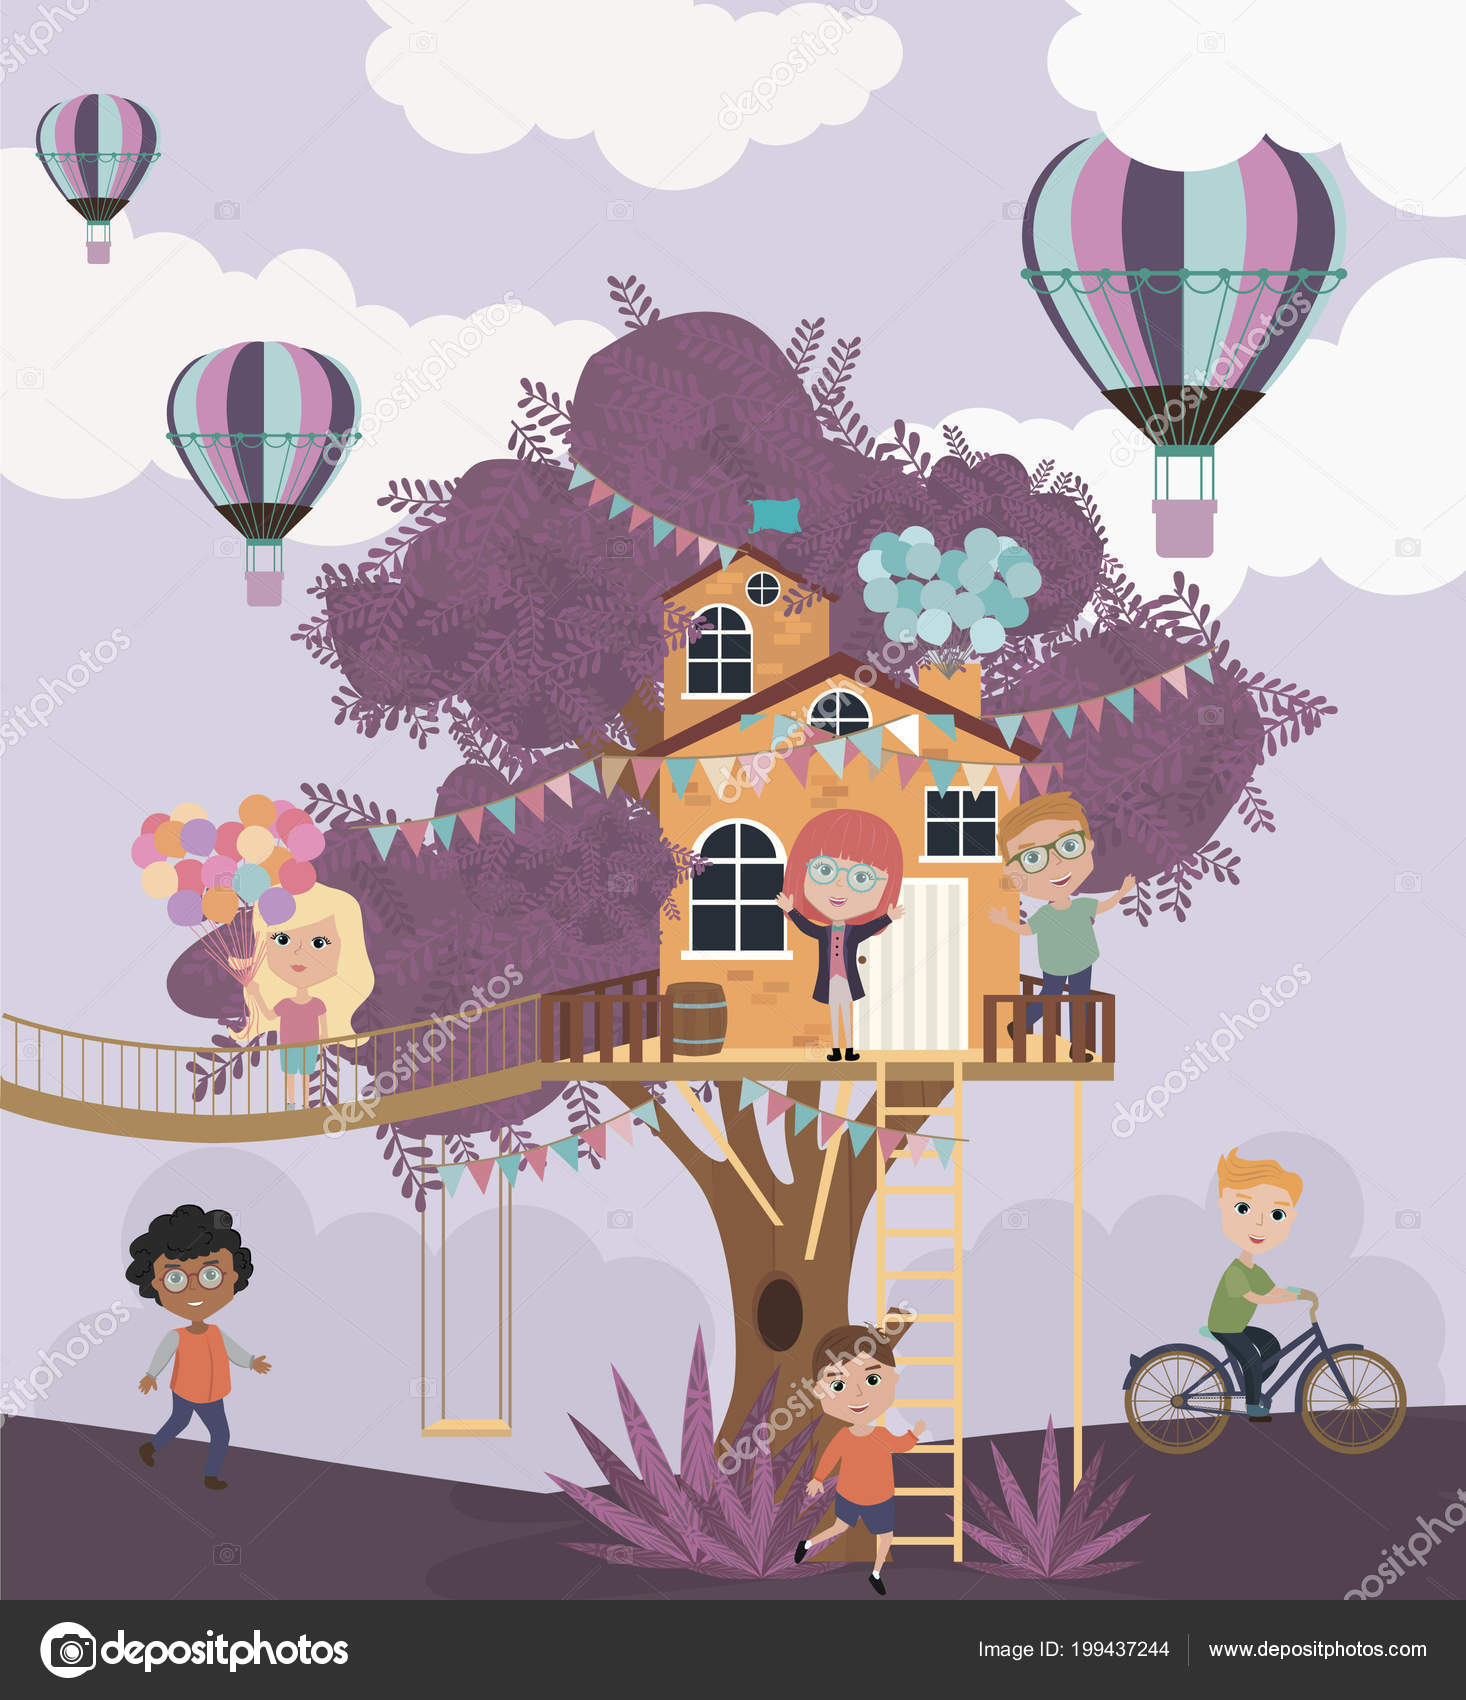 Illustration de dessin animé maison dans les arbres avec les enfants illustration vectorielle modifiable illustration de stock